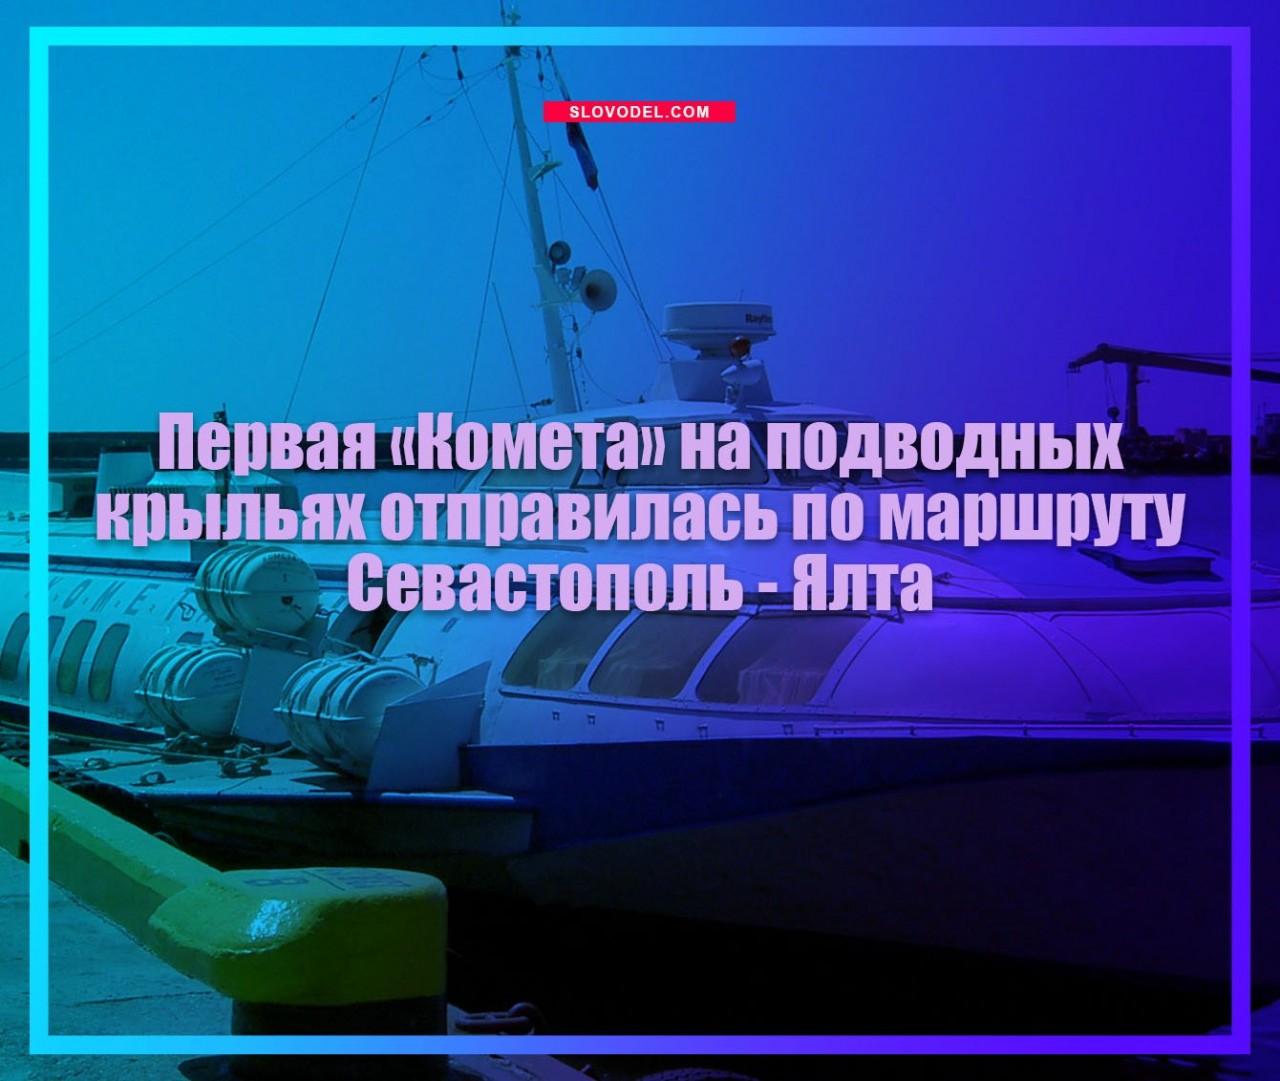 Первая «Комета» на подводных крыльях отправилась по маршруту Севастополь - Ялта